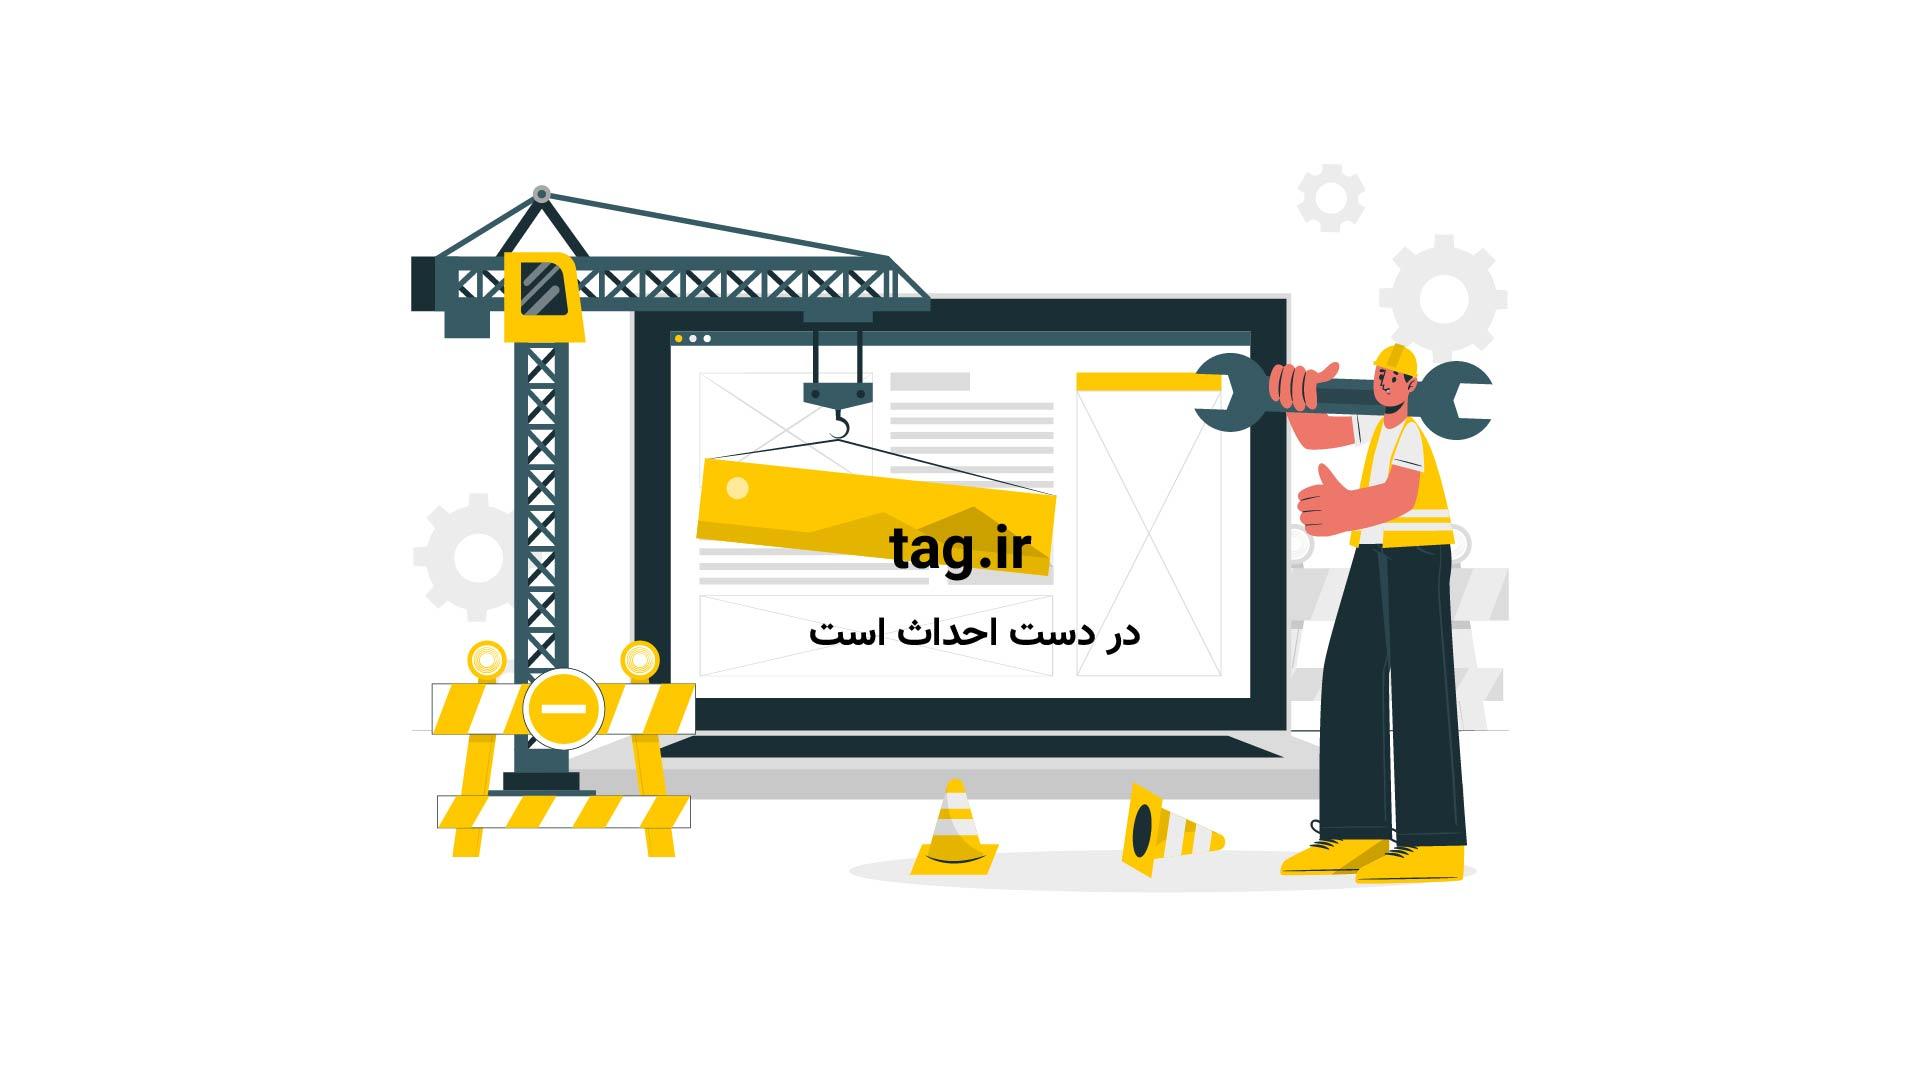 ساخت لوازم جالب با اسباب بازی | فیلم